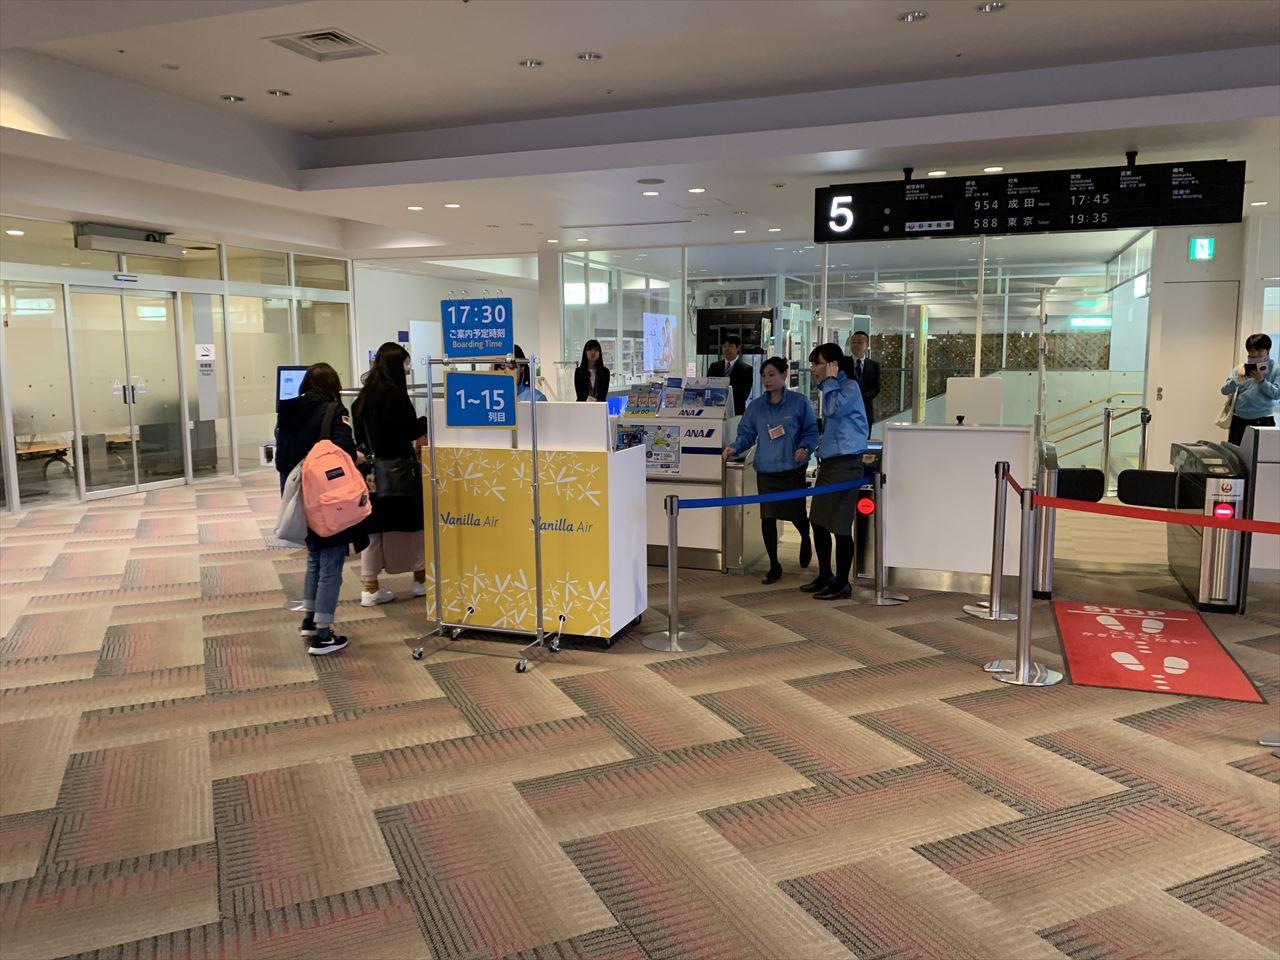 函館発成田行JW954便最後の乗客が搭乗